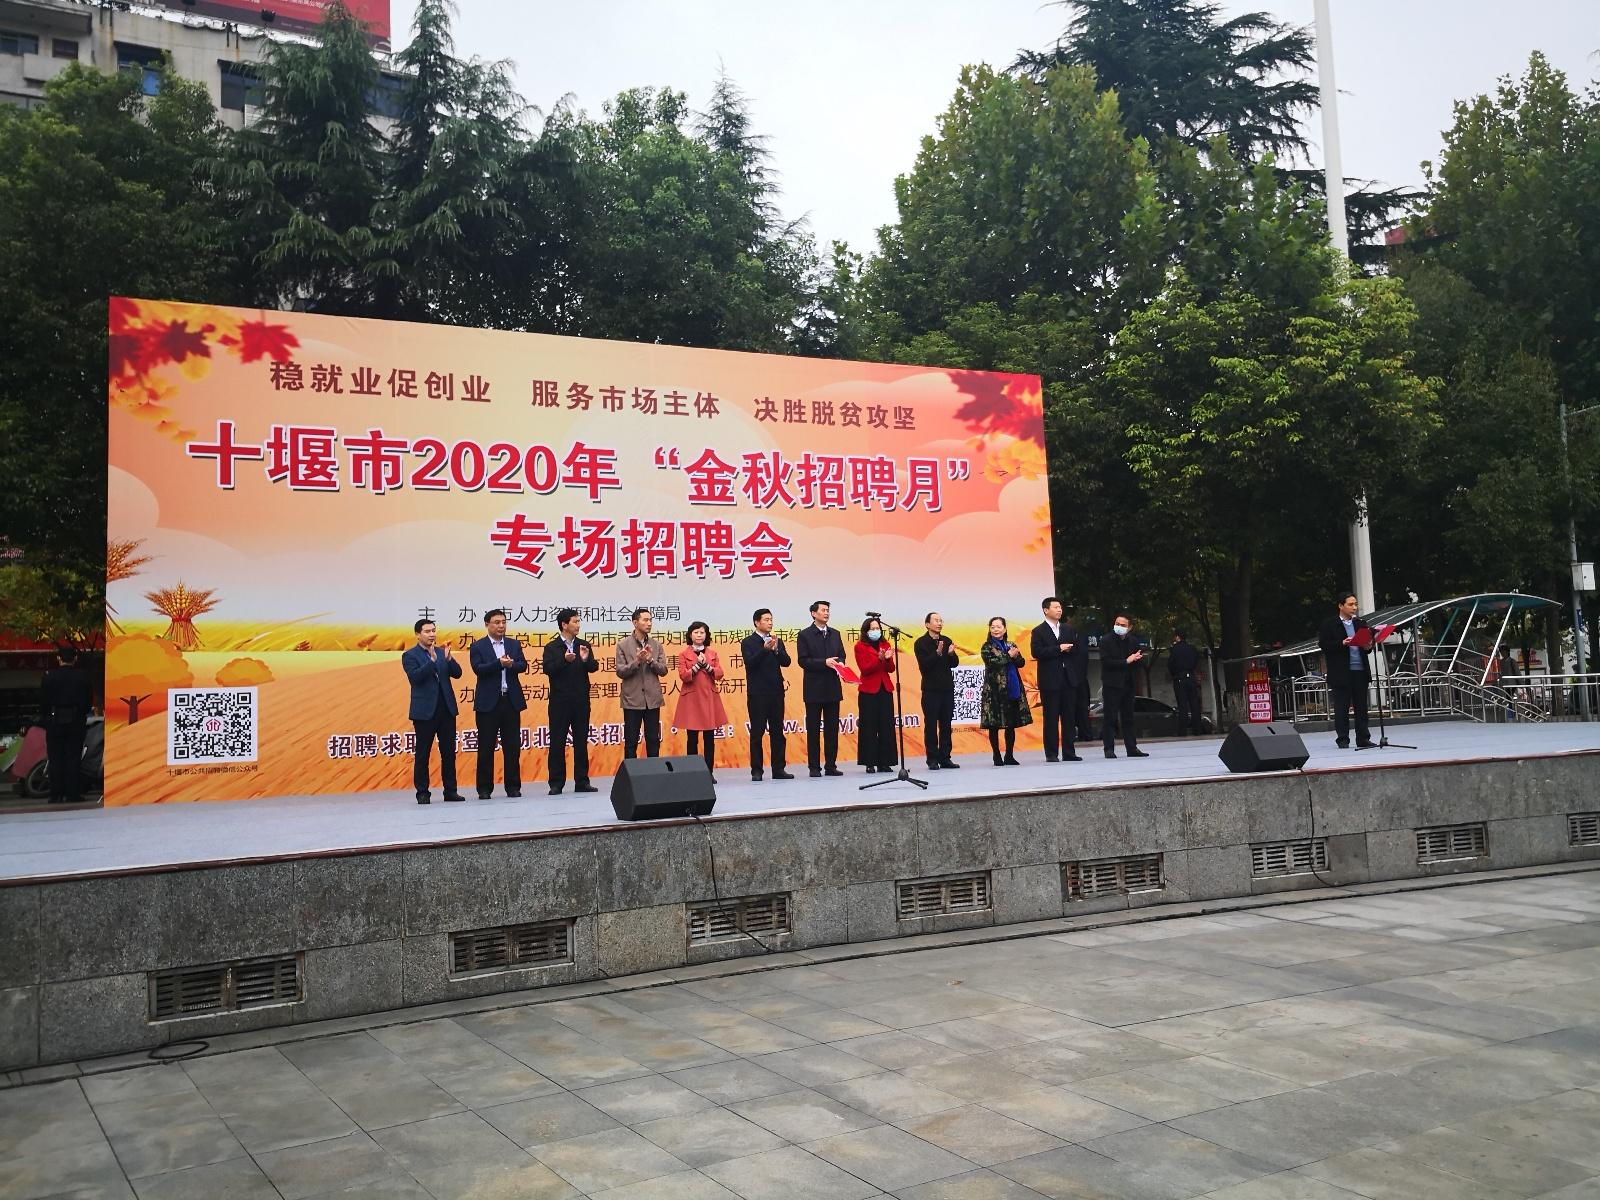 十堰市举办秋季退役军人招聘会